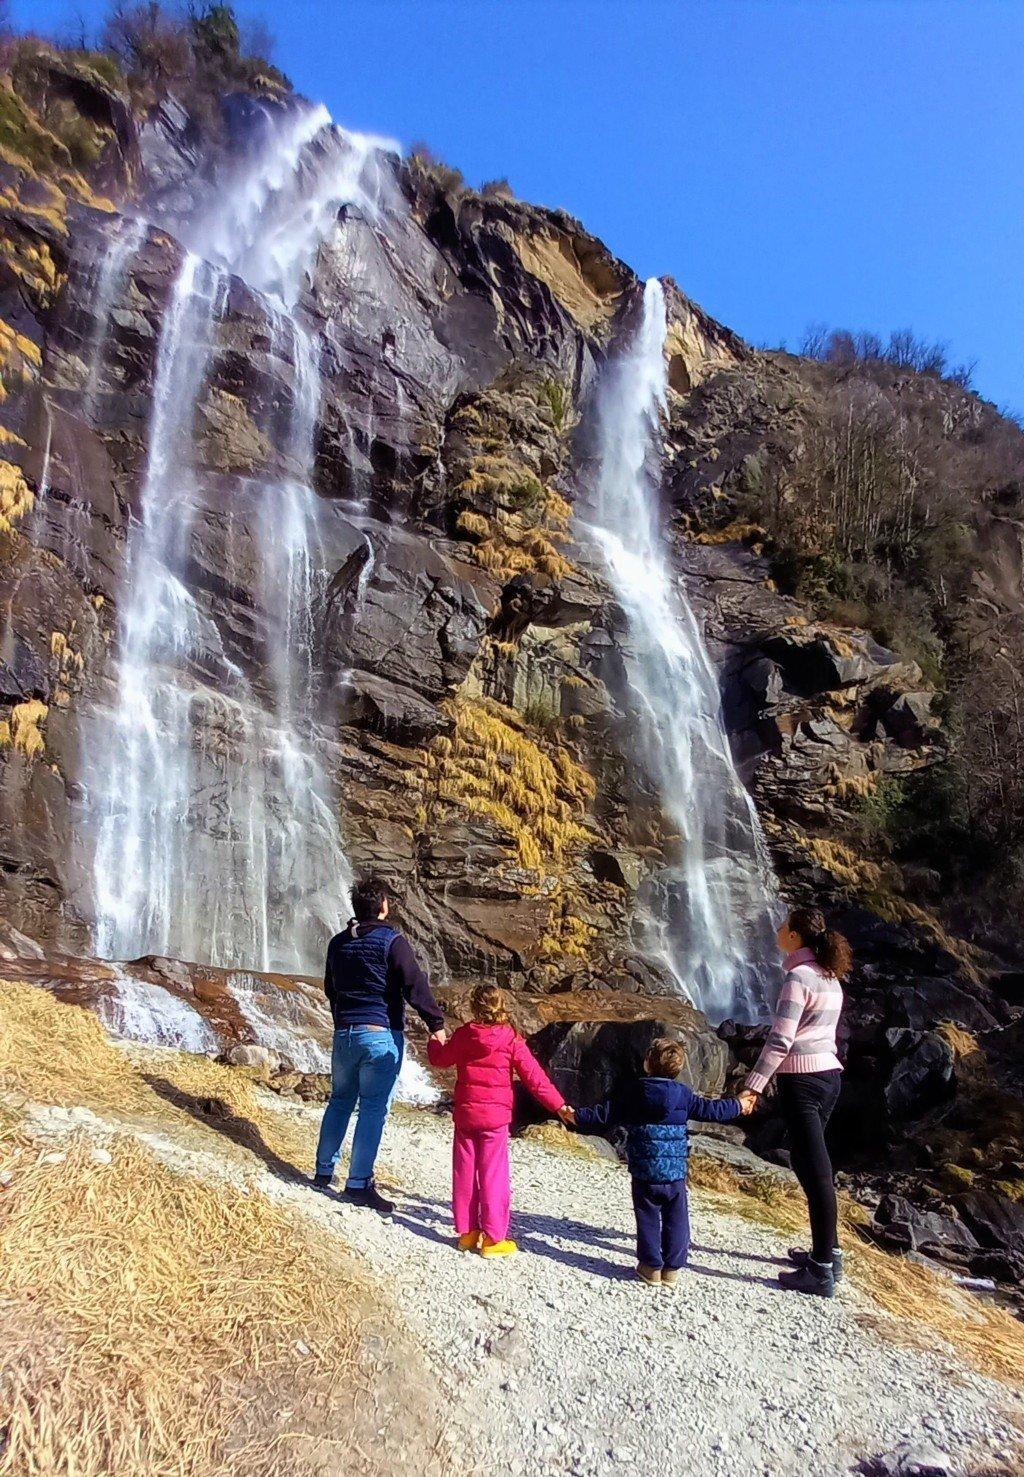 Famiglia davanti alle cascate dell'Acqua Fraggia a Chiavenna